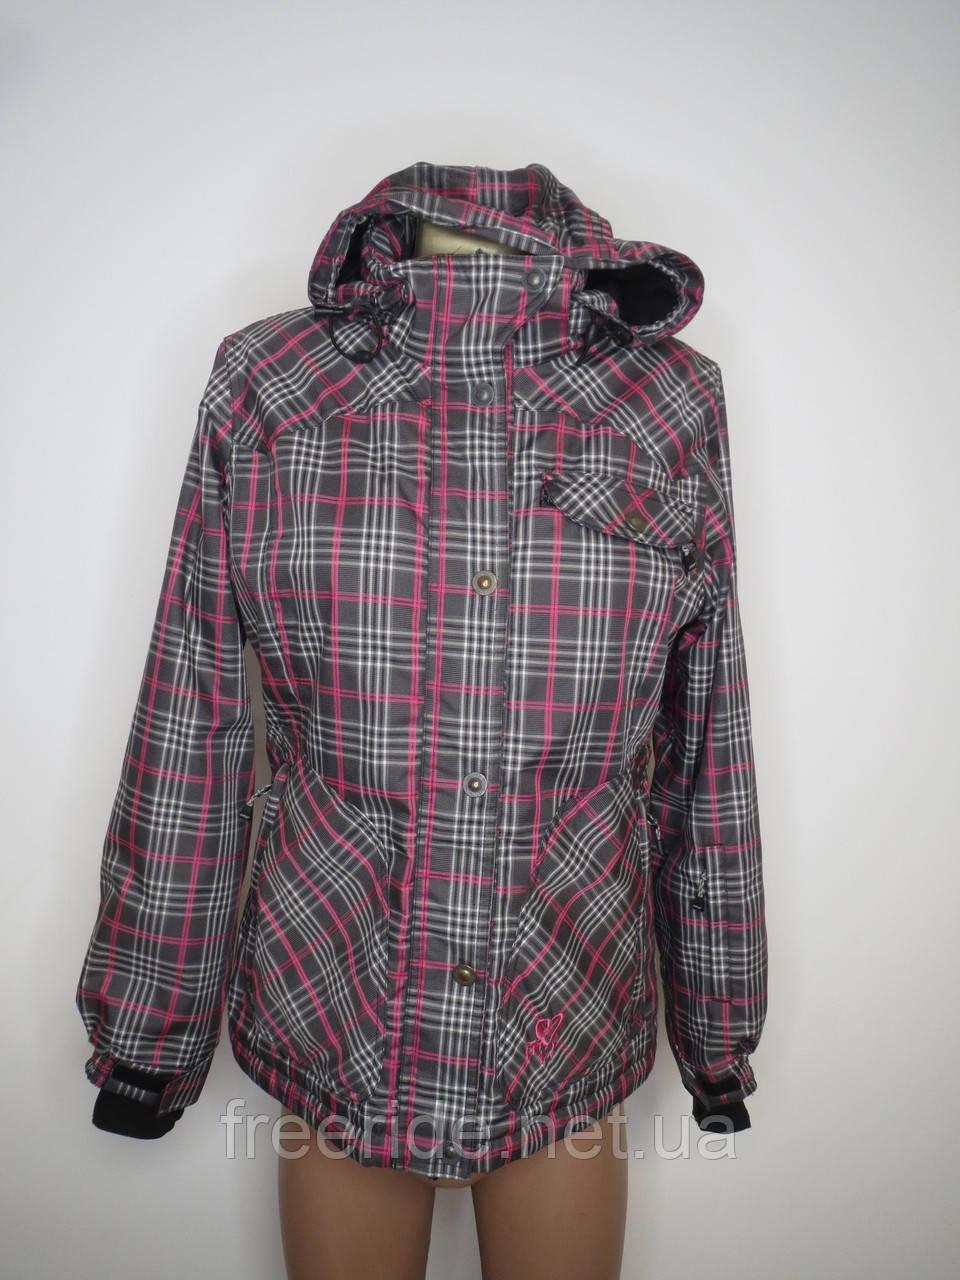 Лыжная куртка Mavi-Wowie (S) мембраная 3000